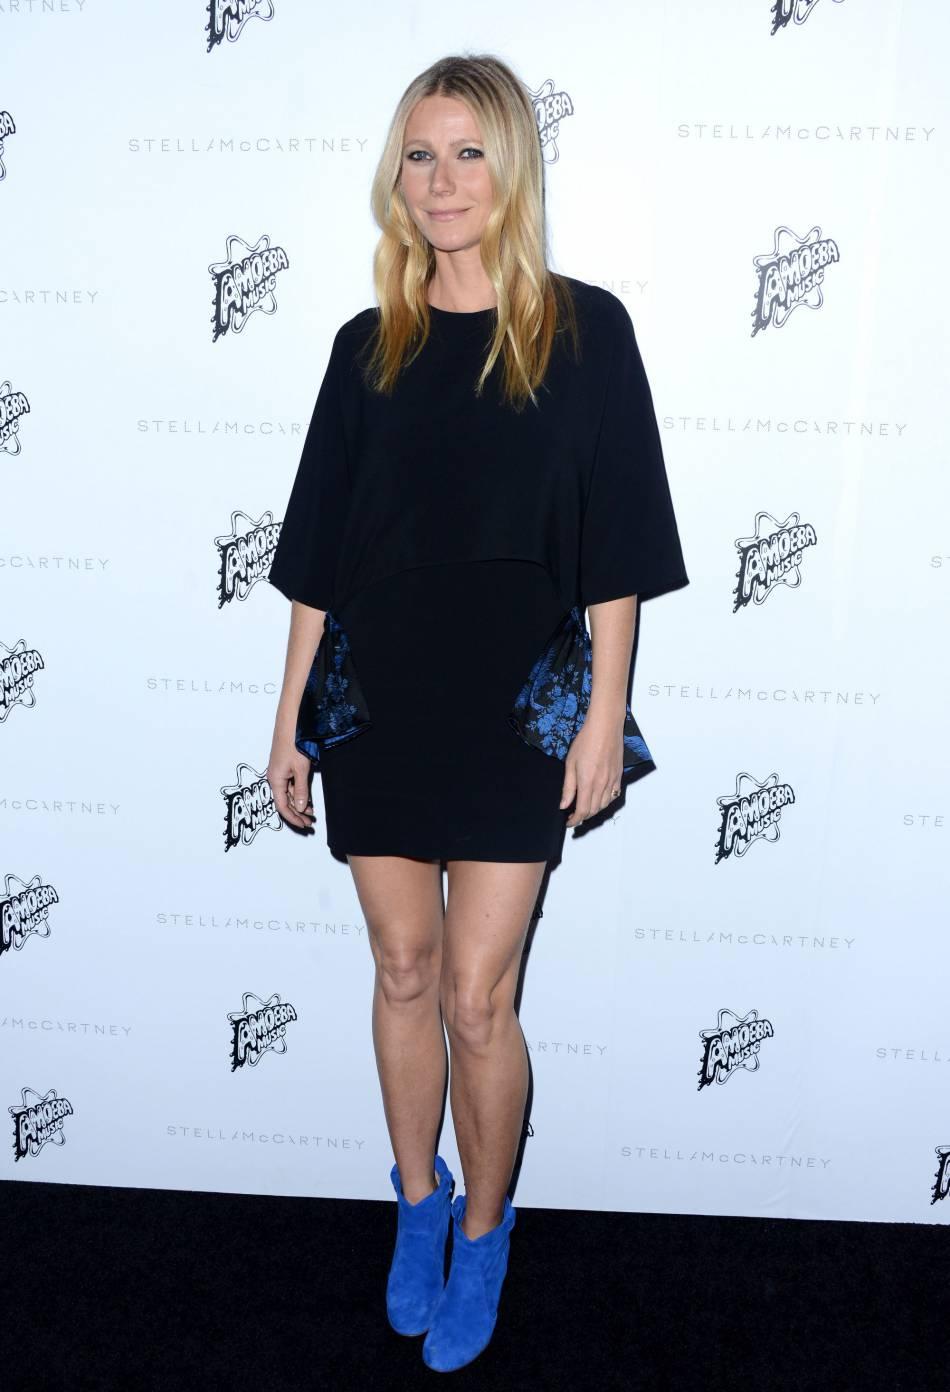 La ligne de produits de beauté imaginée par Gwyneth Paltrow sera baptisée Goop Beauty.